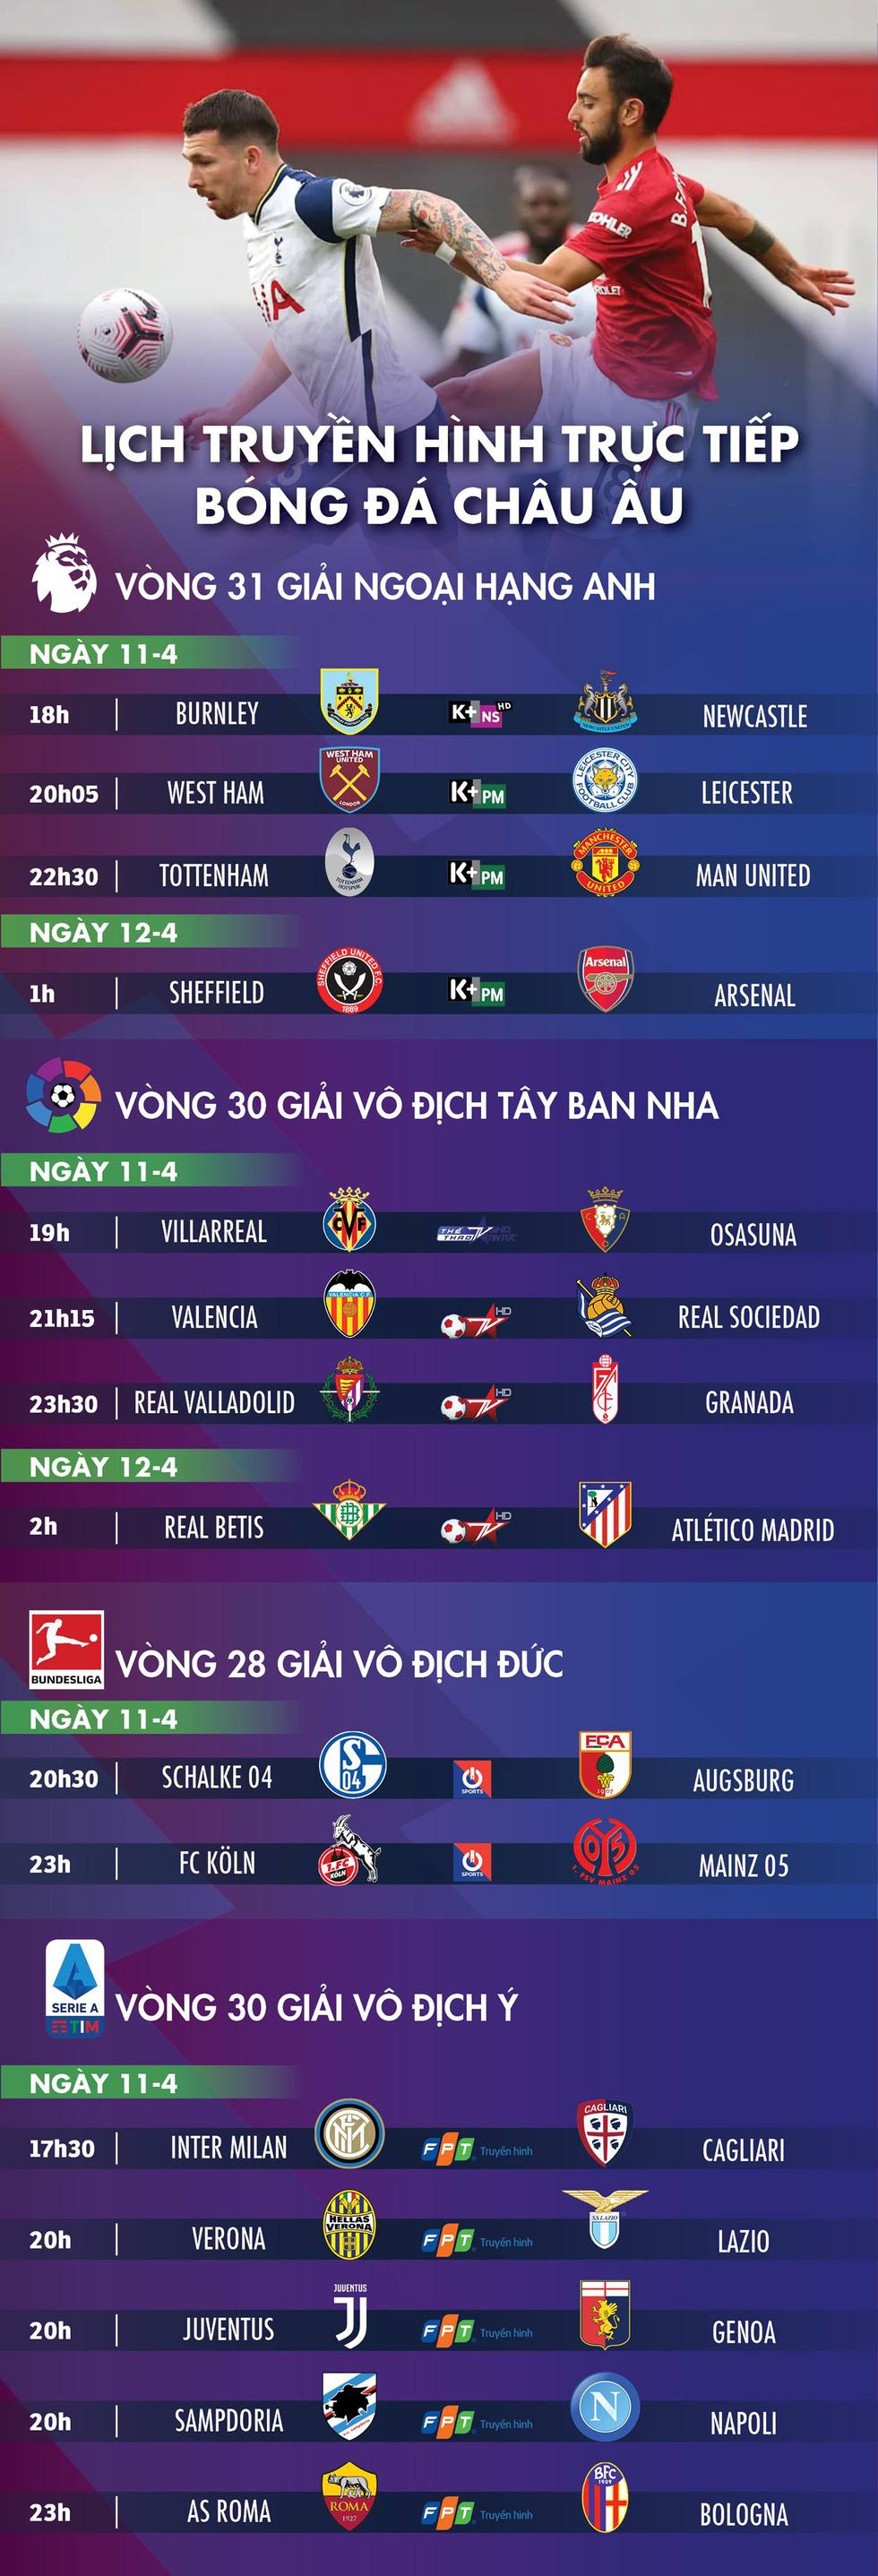 Lịch trực tiếp bóng đá châu Âu 11-4: Hấp dẫn đại chiến Tottenham - Man Utd - Ảnh 1.